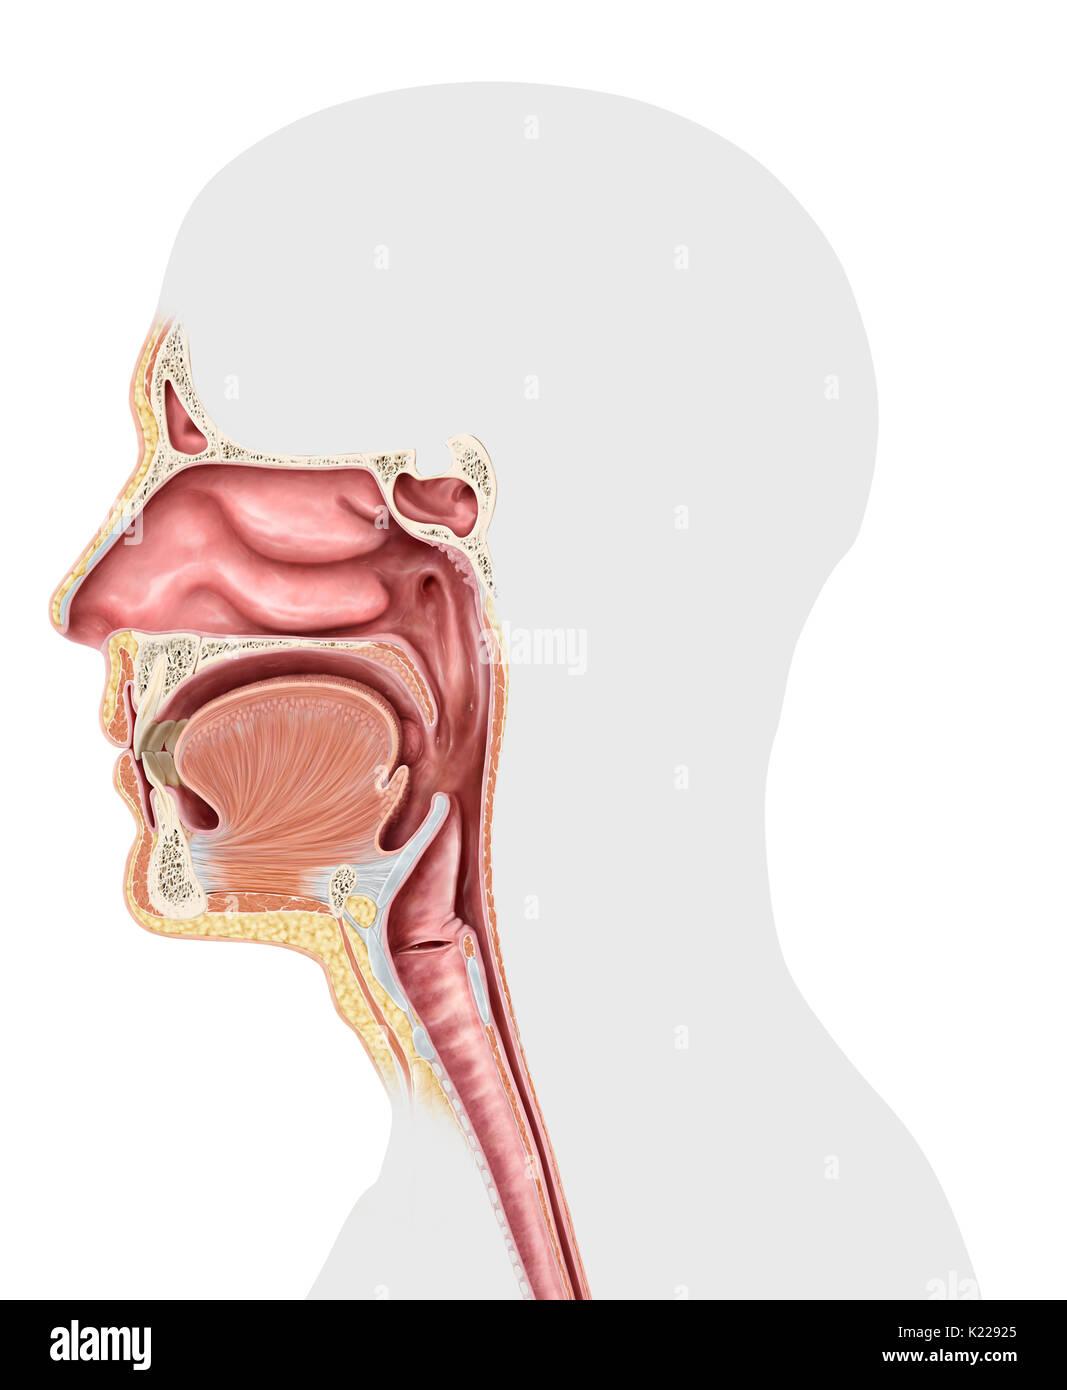 Dieses Bild zeigt die oberen Organe der Atemwege, der Nase, der ...